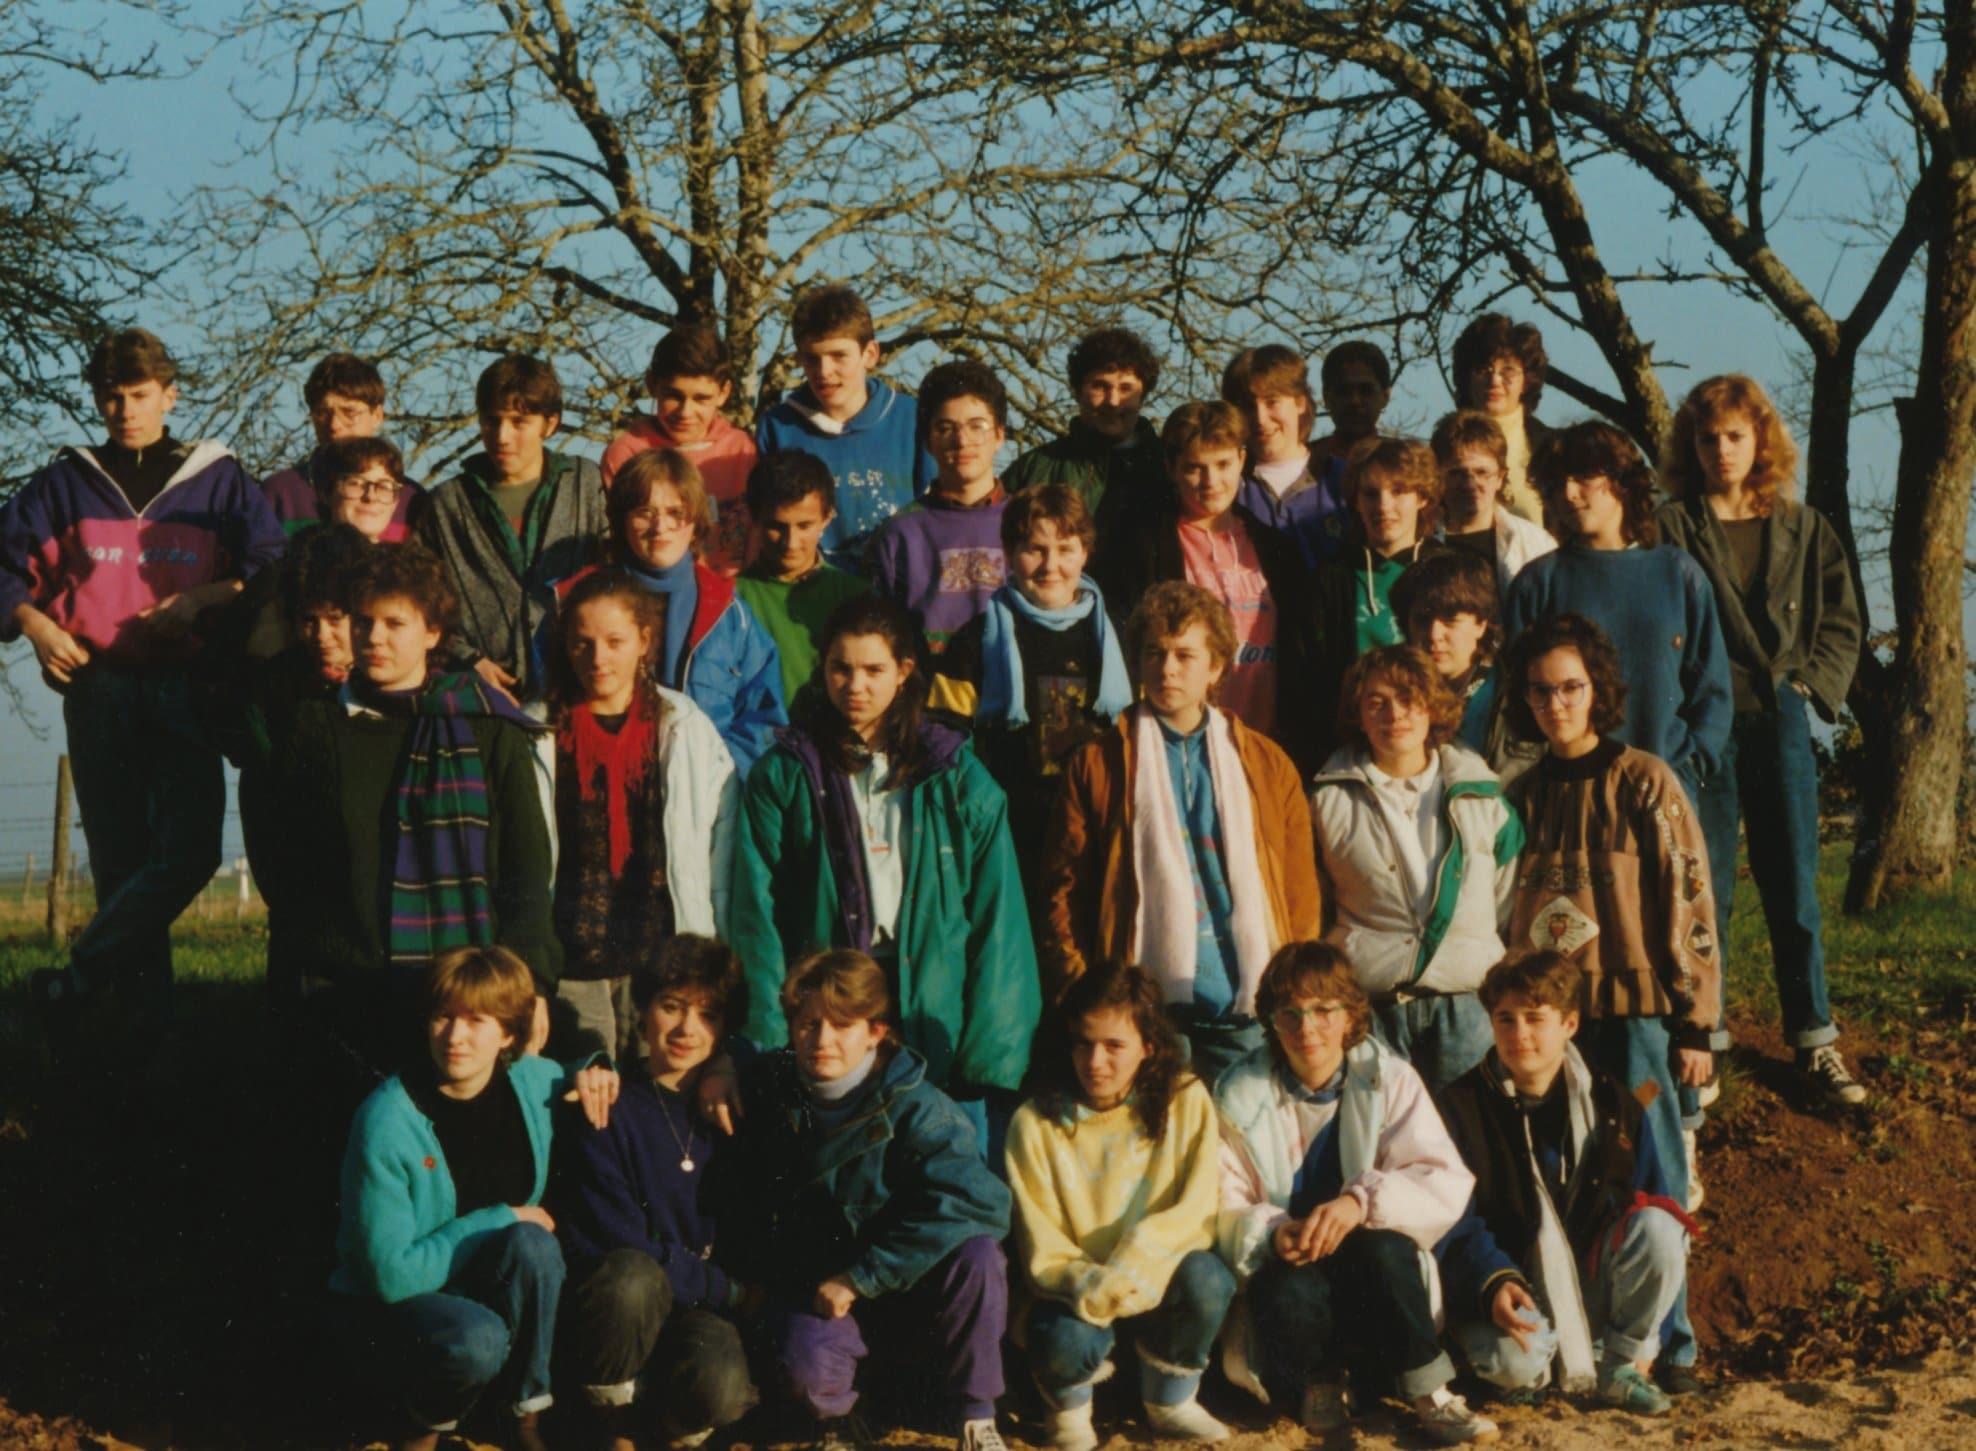 Archives anciens élèves mfr puy-sec 1988 0